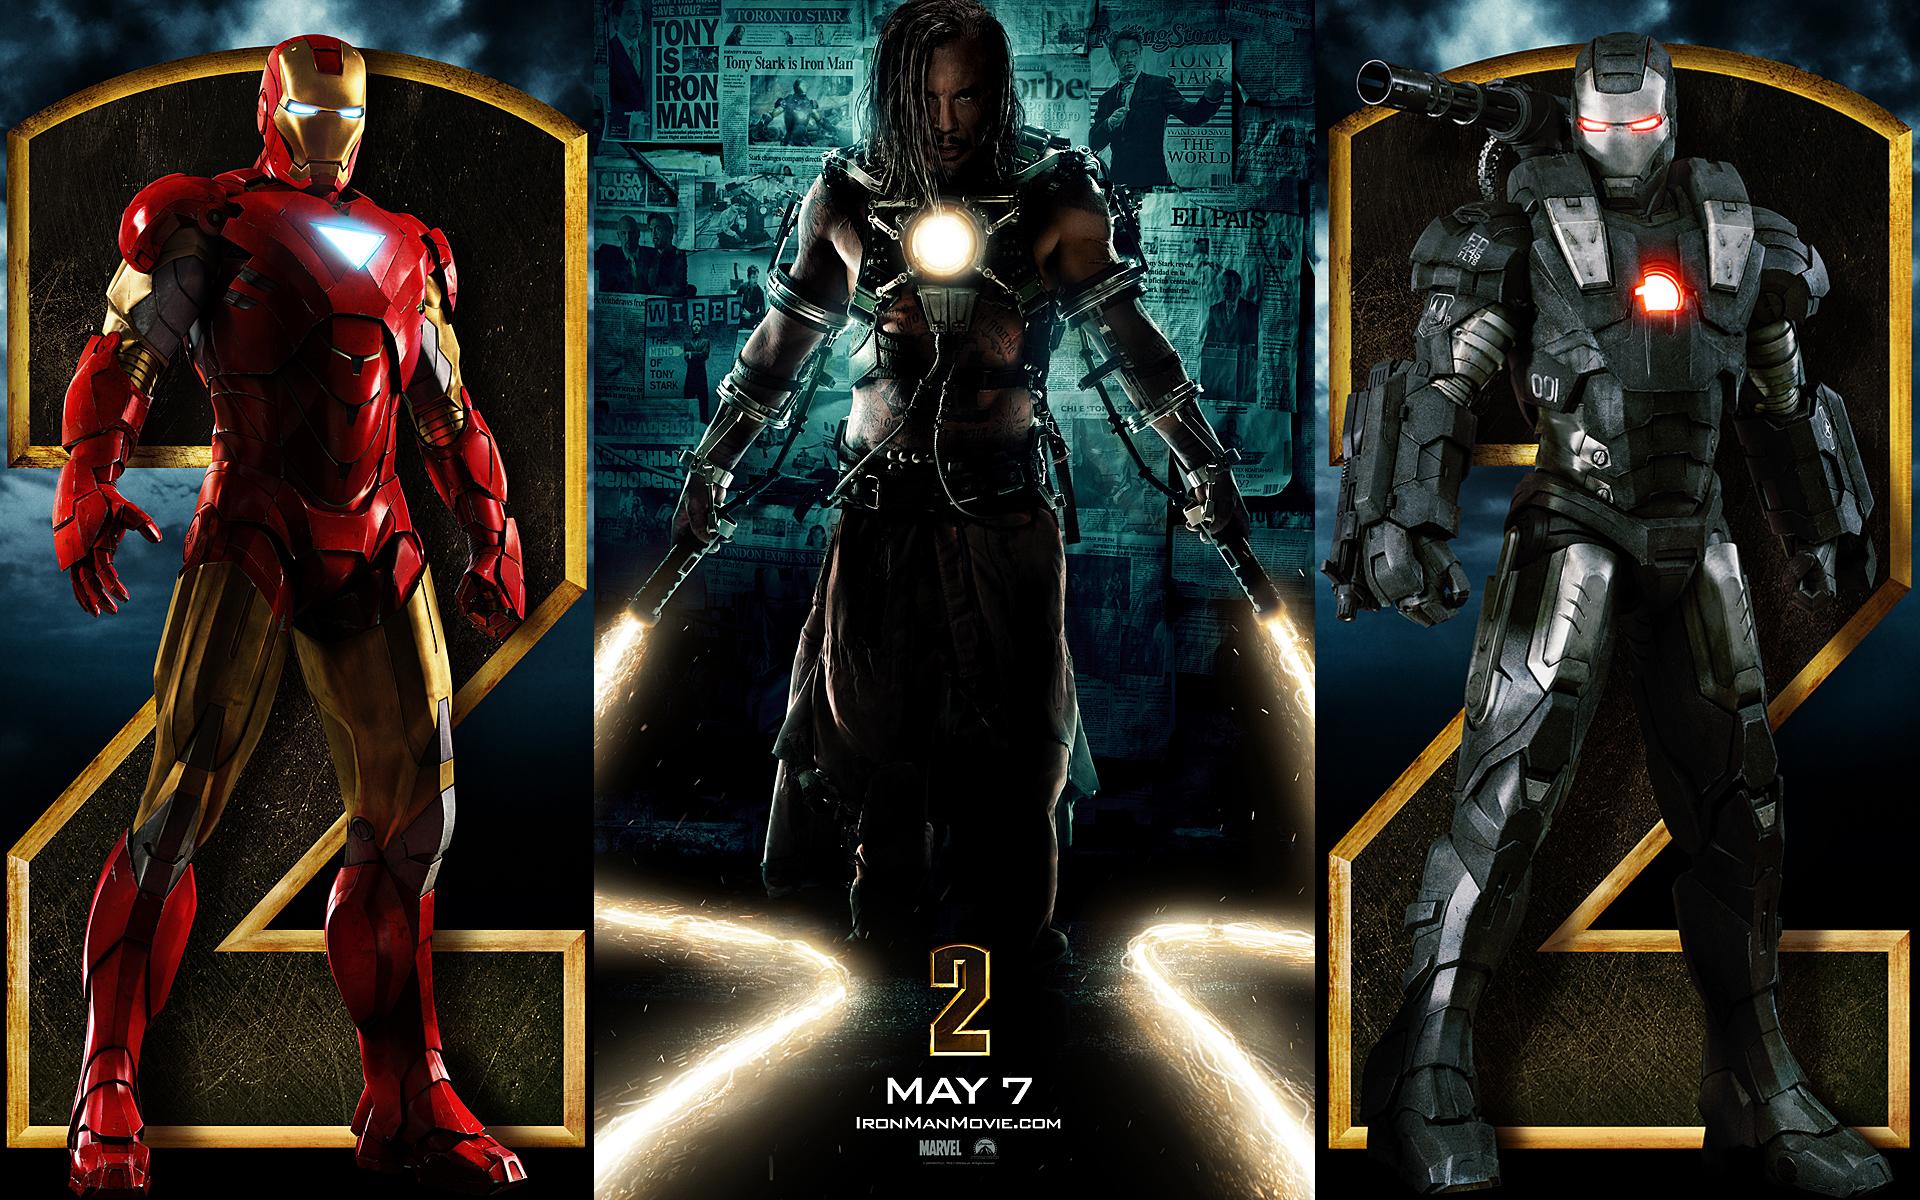 Iron Man 2 Wallpaper wallpaper Iron Man 2 Wallpaper hd wallpaper 1920x1200